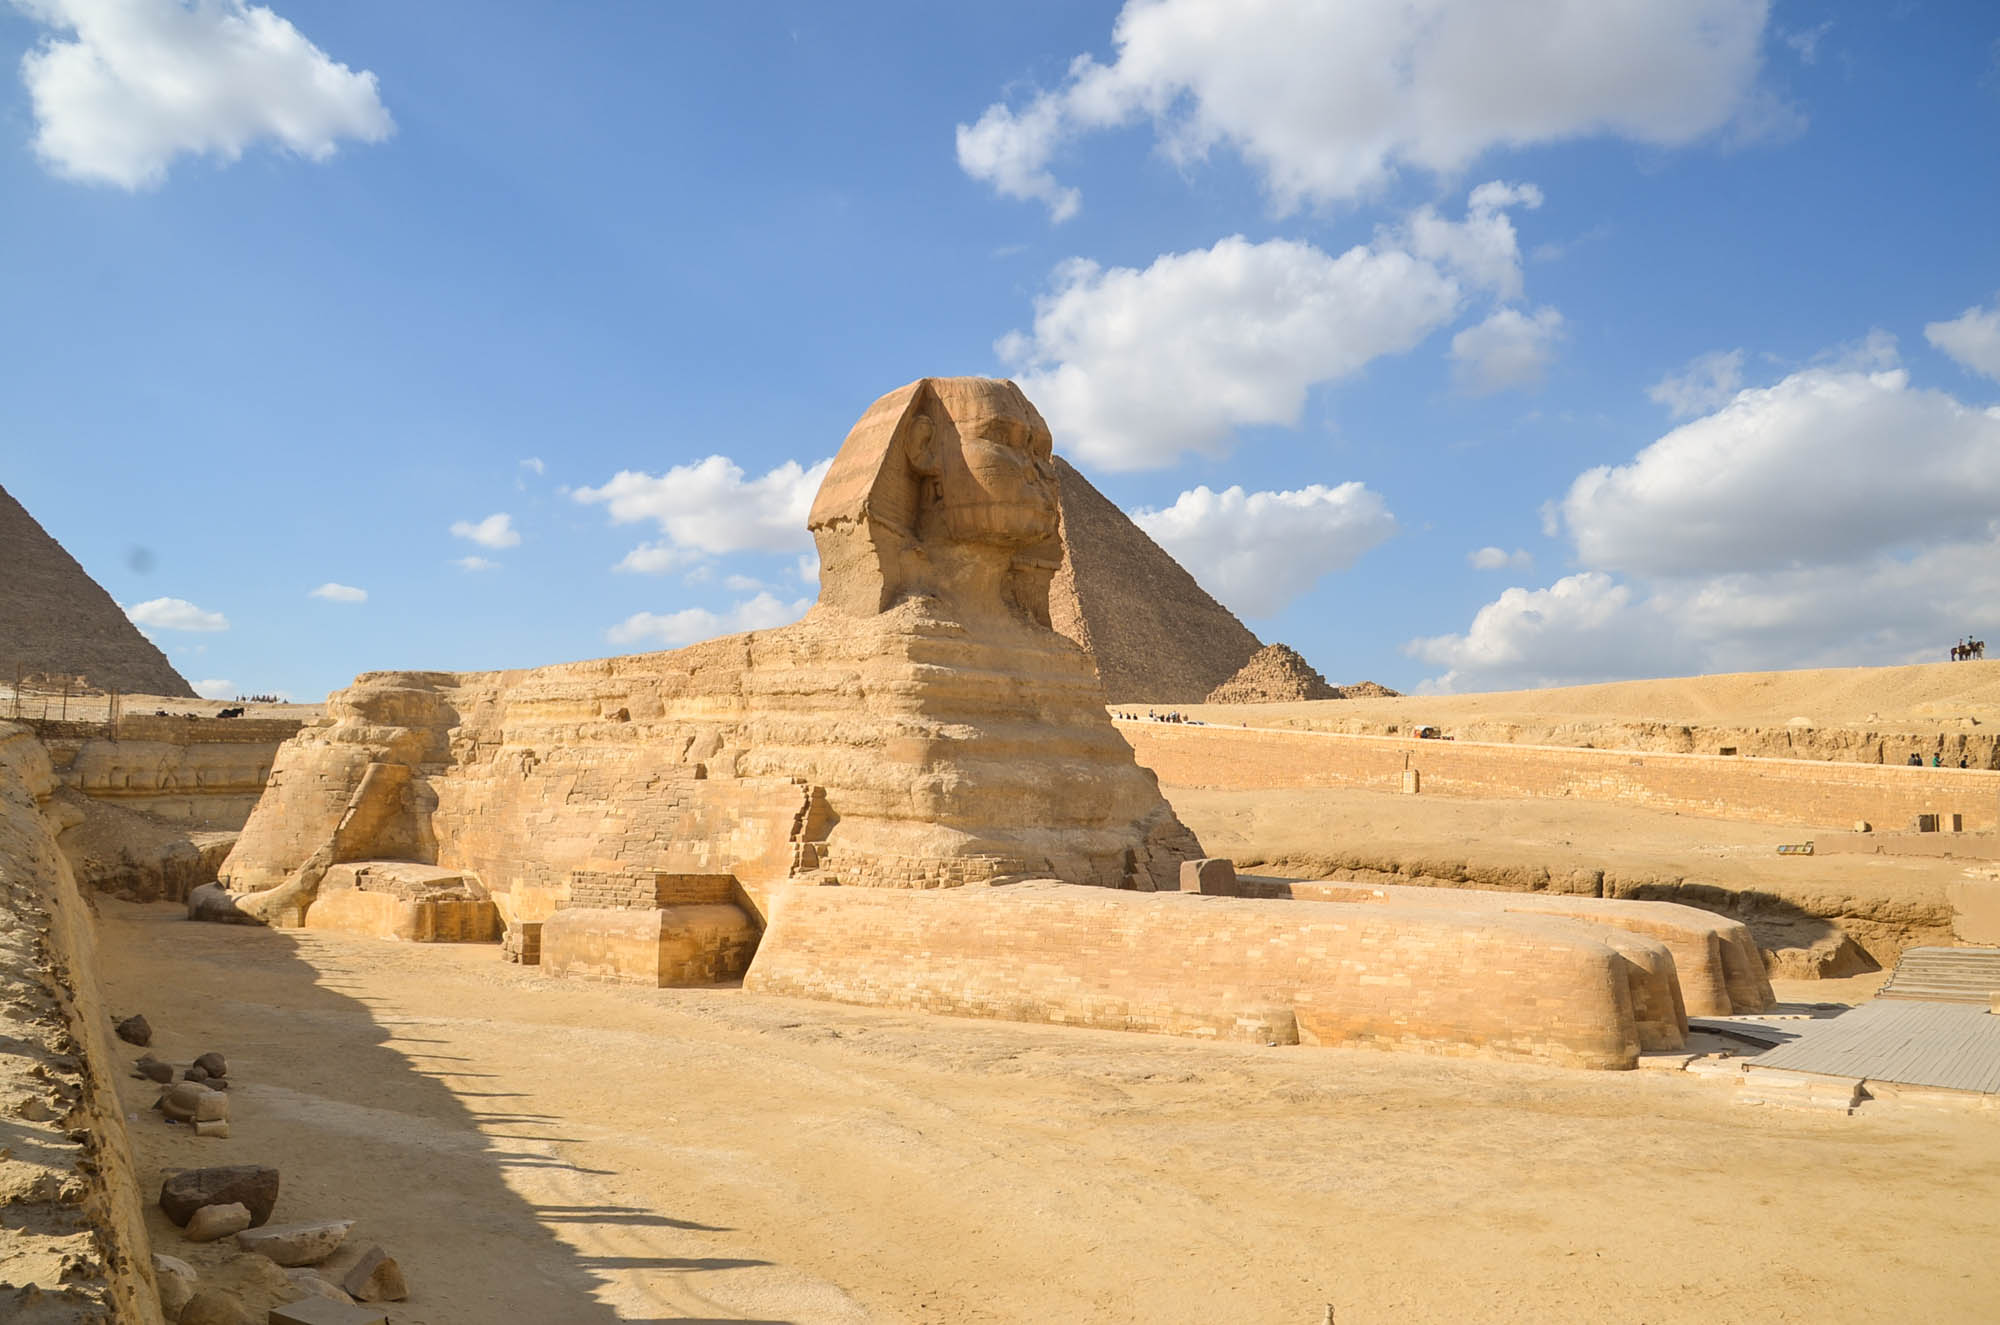 In Ägypten ist der Sphinx männlich. Der liegende Löwe mit Menschenkopf bewacht die Pyramiden seit rund viereinhalbtausend Jahren. Er wurde vermutlich in der Regierungszeit von Chefren errichtet. Foto: Matthieu Götz